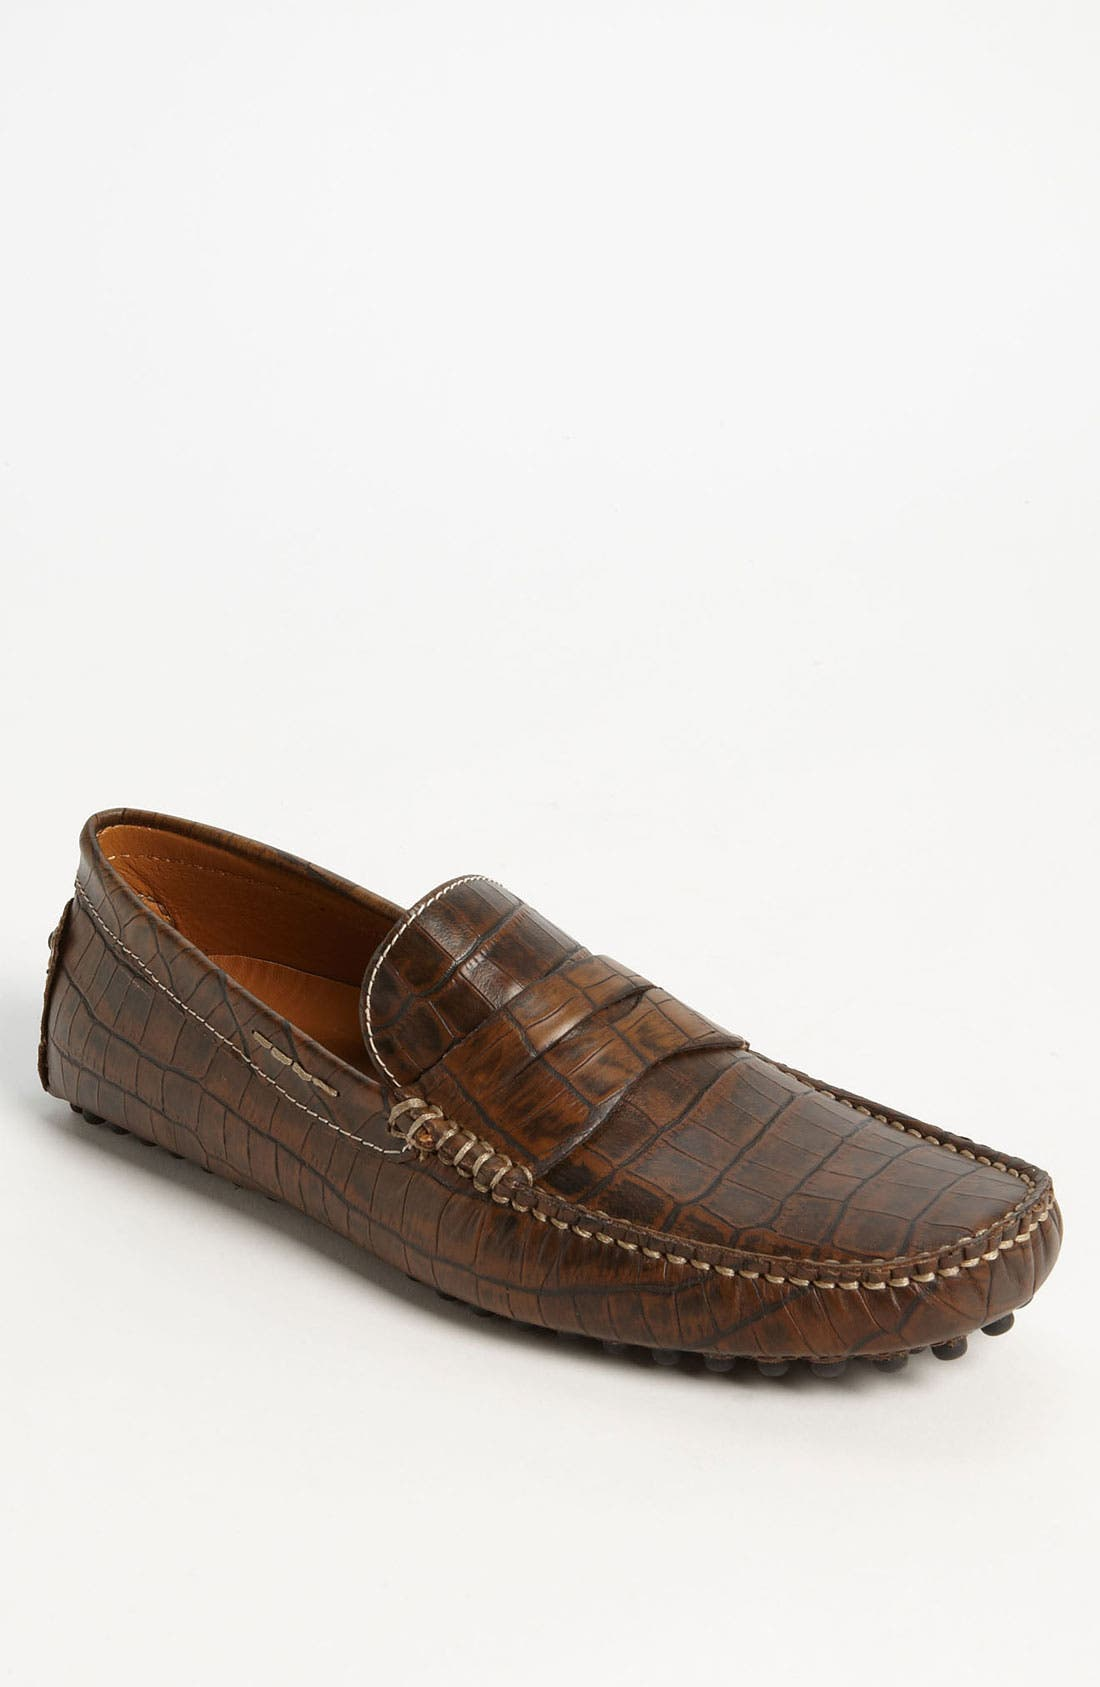 Main Image - G Brown 'Tortola' Driving Shoe